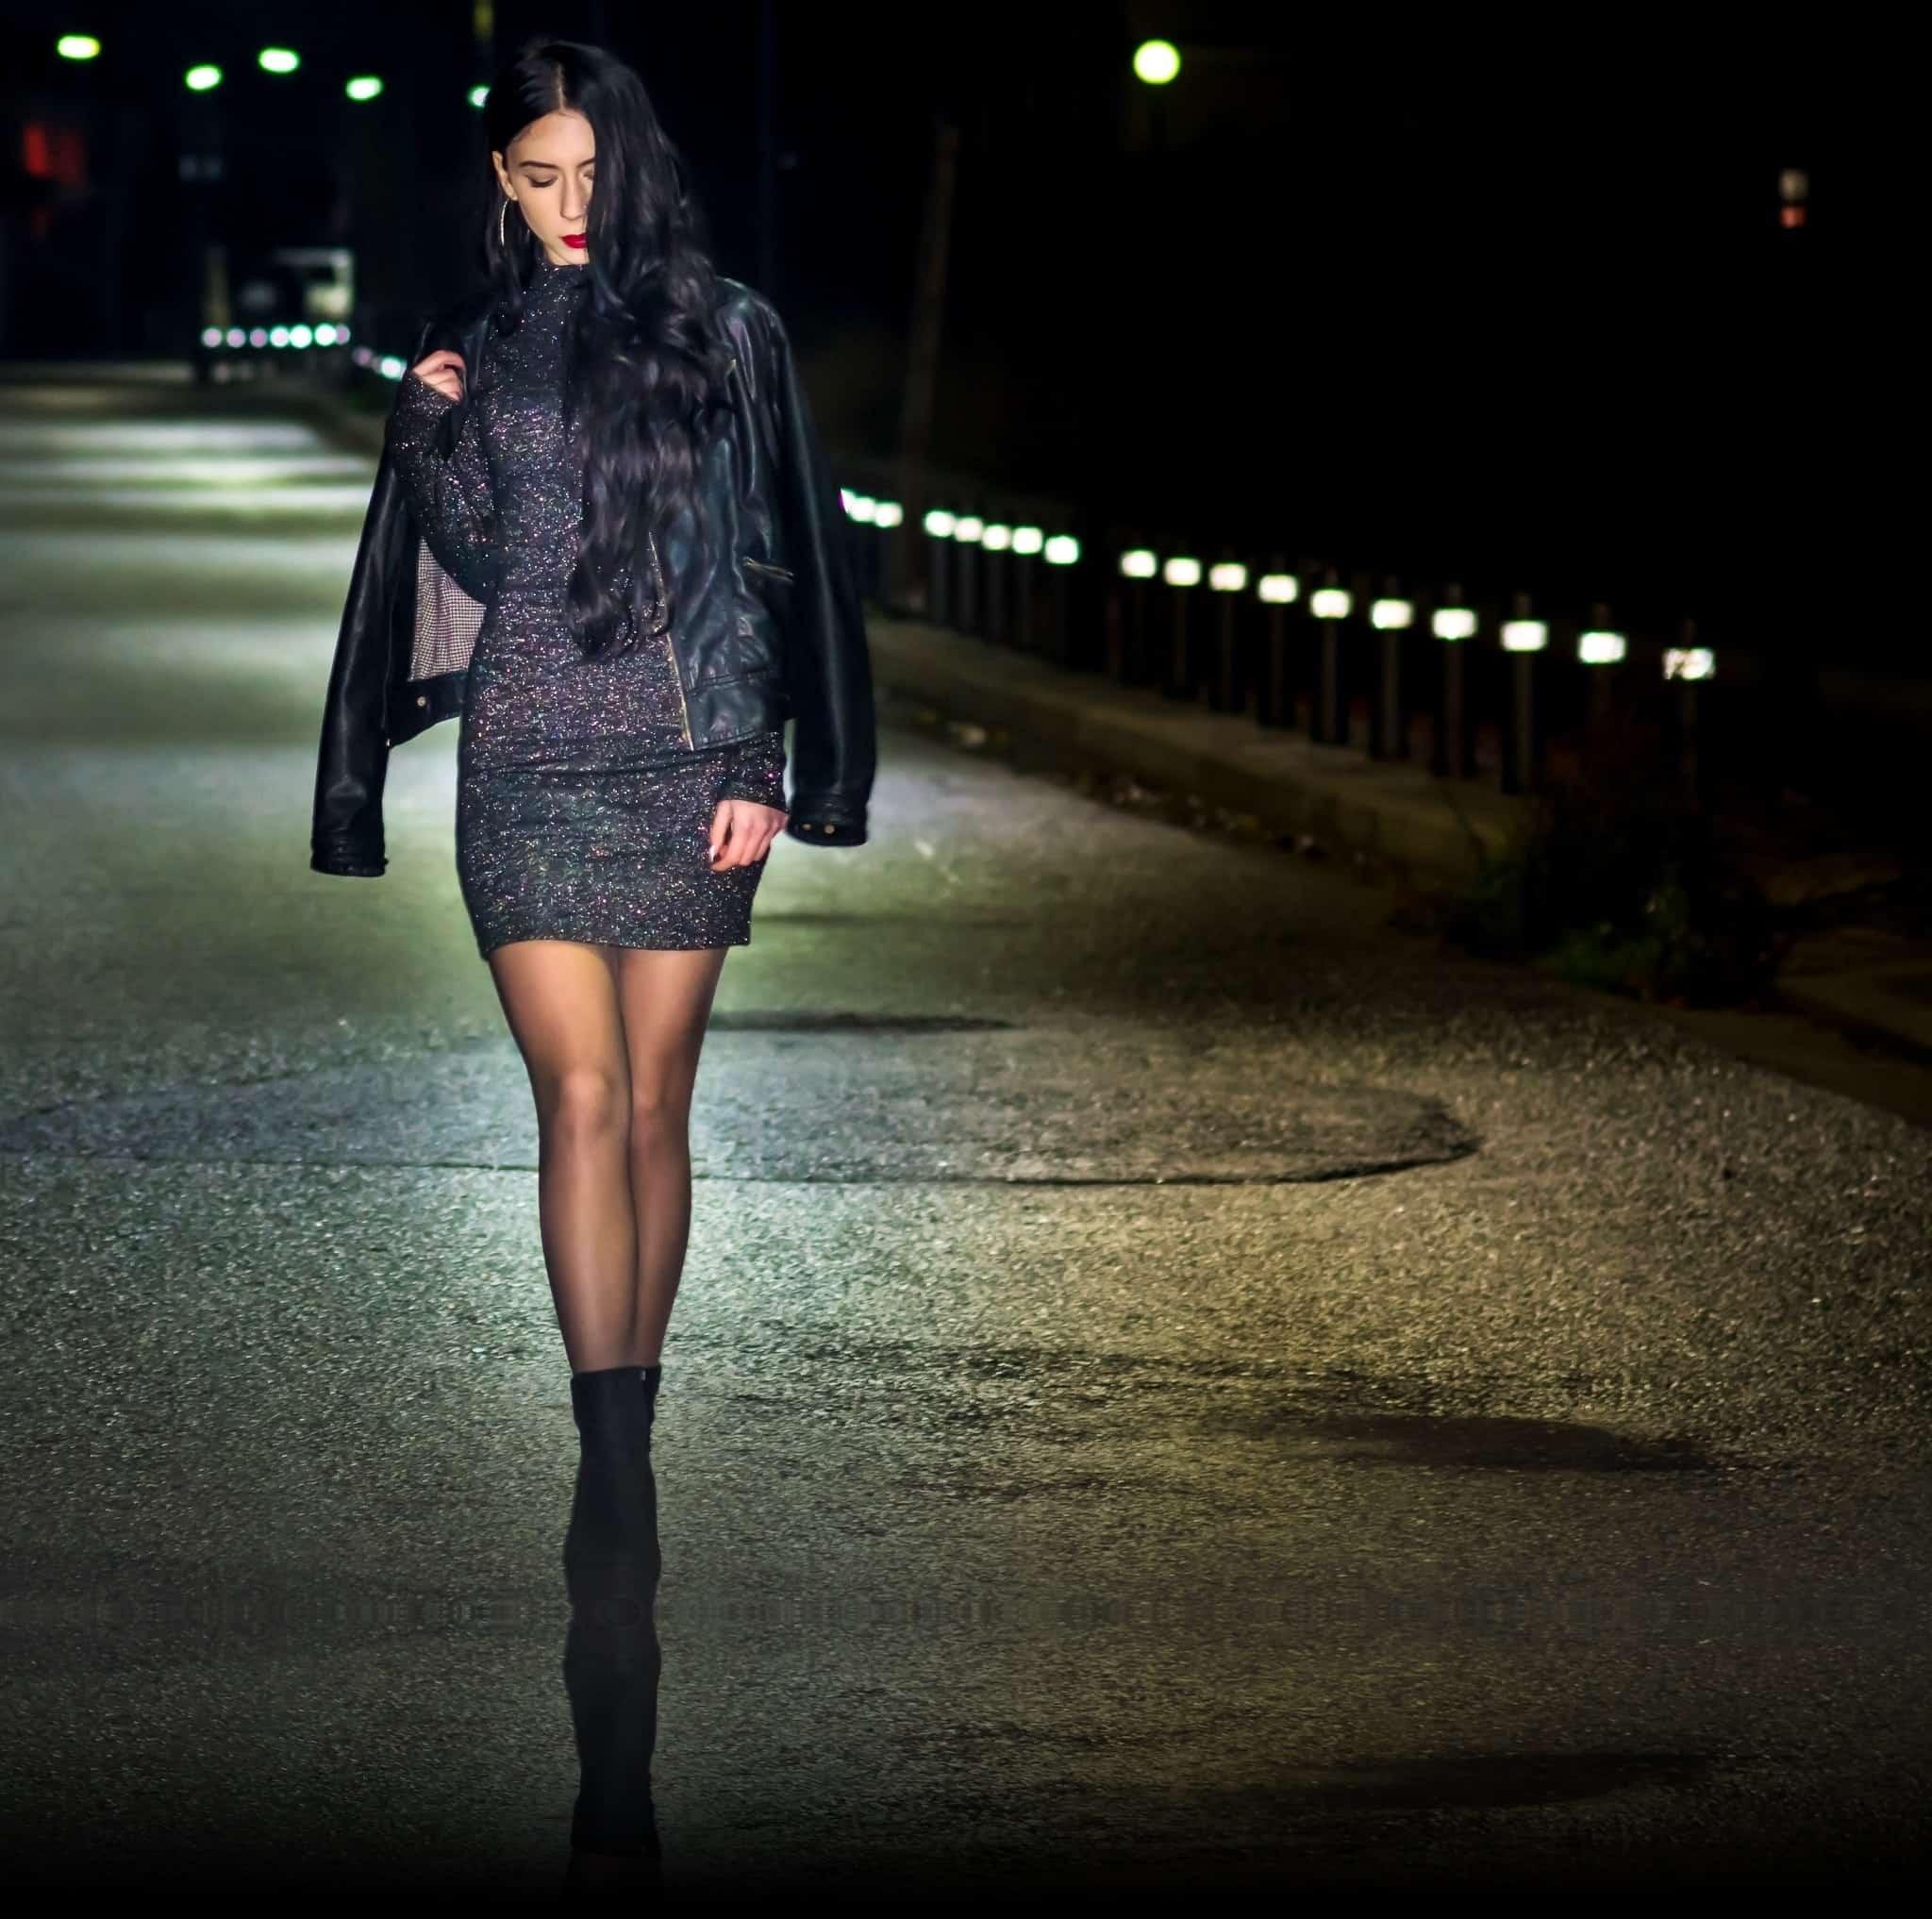 Foto de uma mulher de botas de salto alto, vestido brilhoso e jaqueta de couro preta andando em uma rua escura. Ela está olhando pra baixo, com parte dos cabelos jogados para frente.